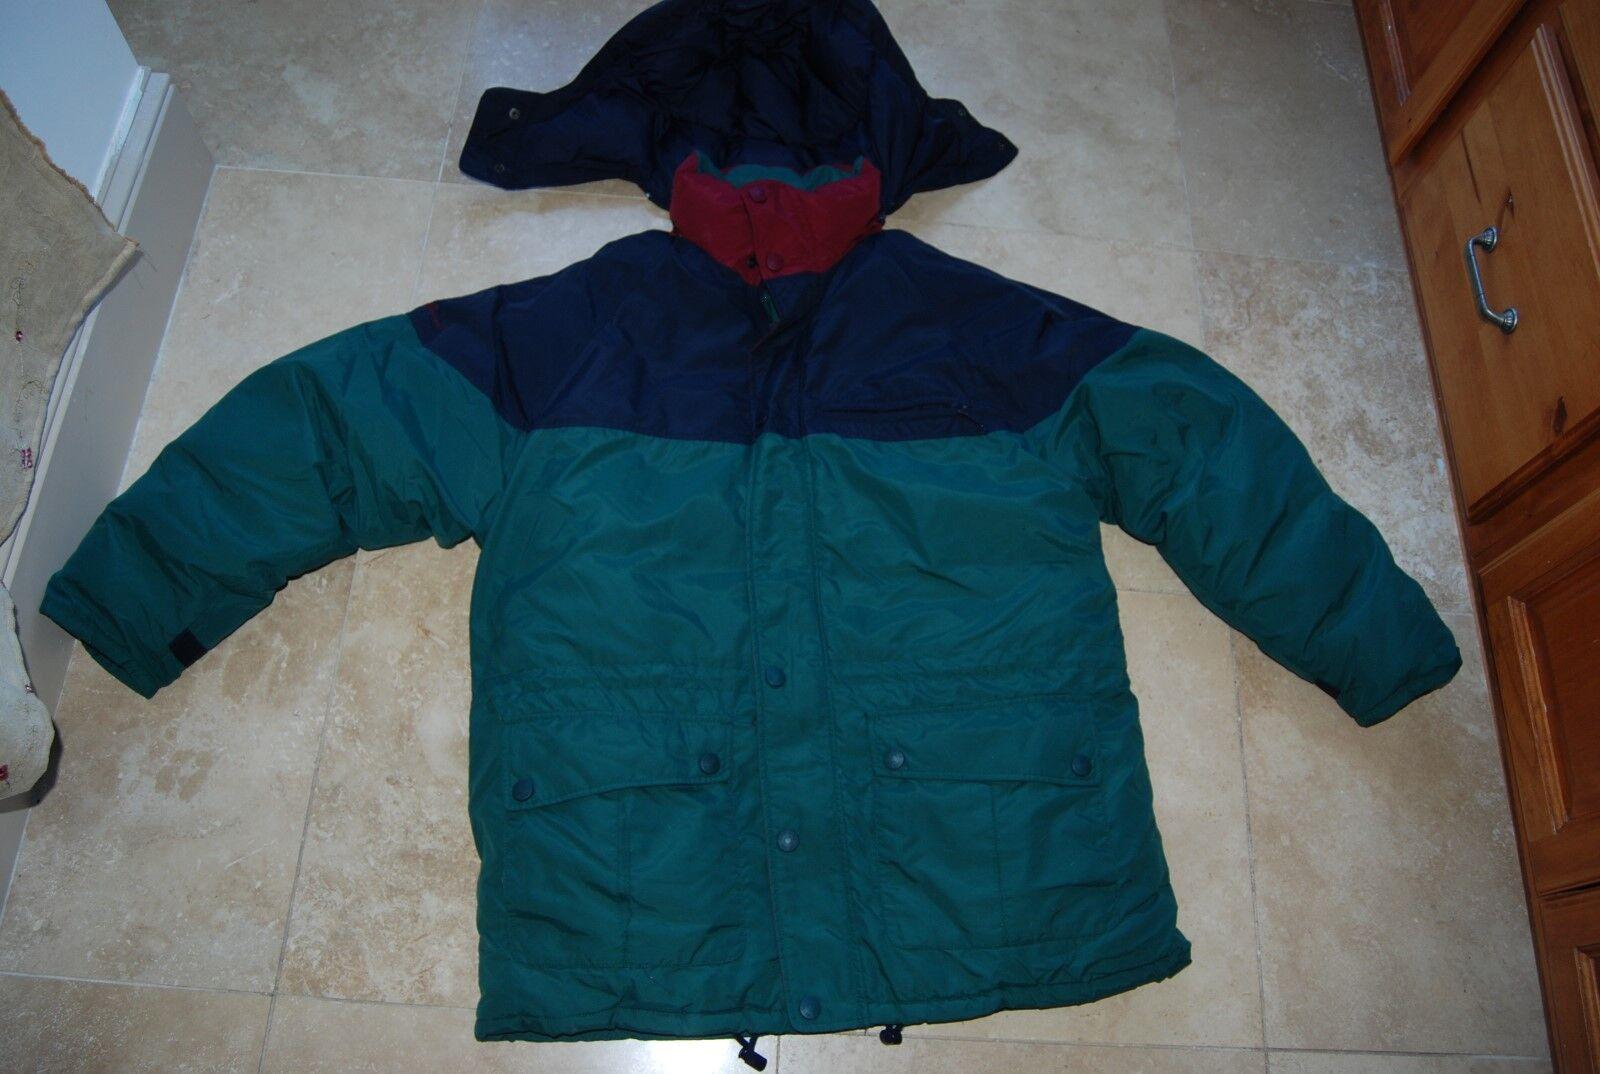 Dark Grün Navy BLue & Maroon EDDIE BAUER Down Filled Winter Coat Large